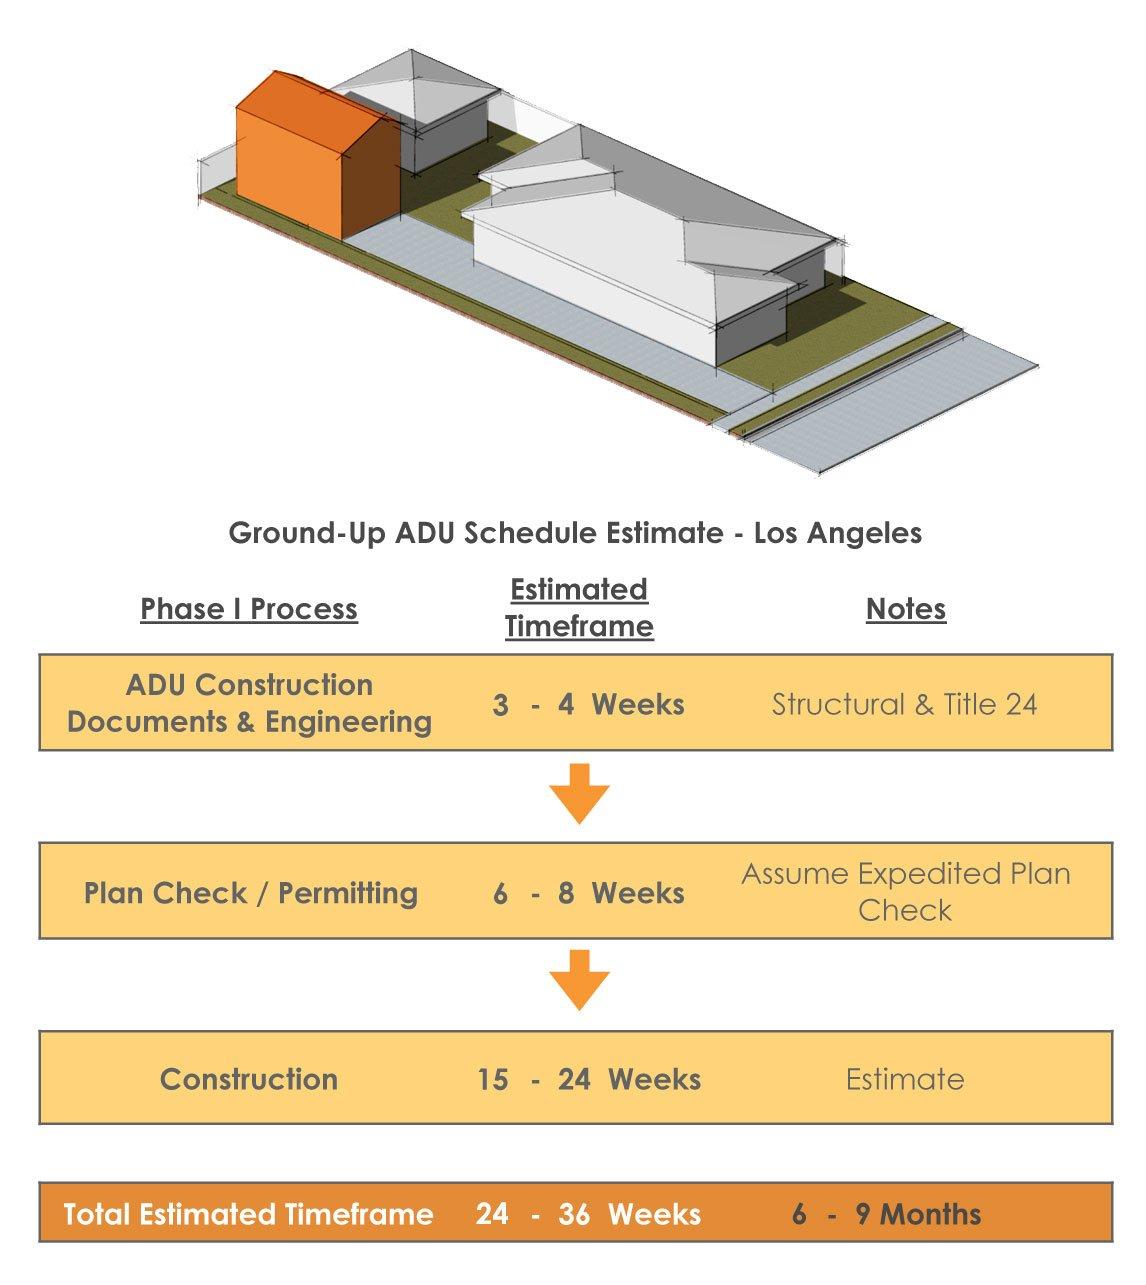 Ground-up-ADU-Schedule-Process-Timeline-LA